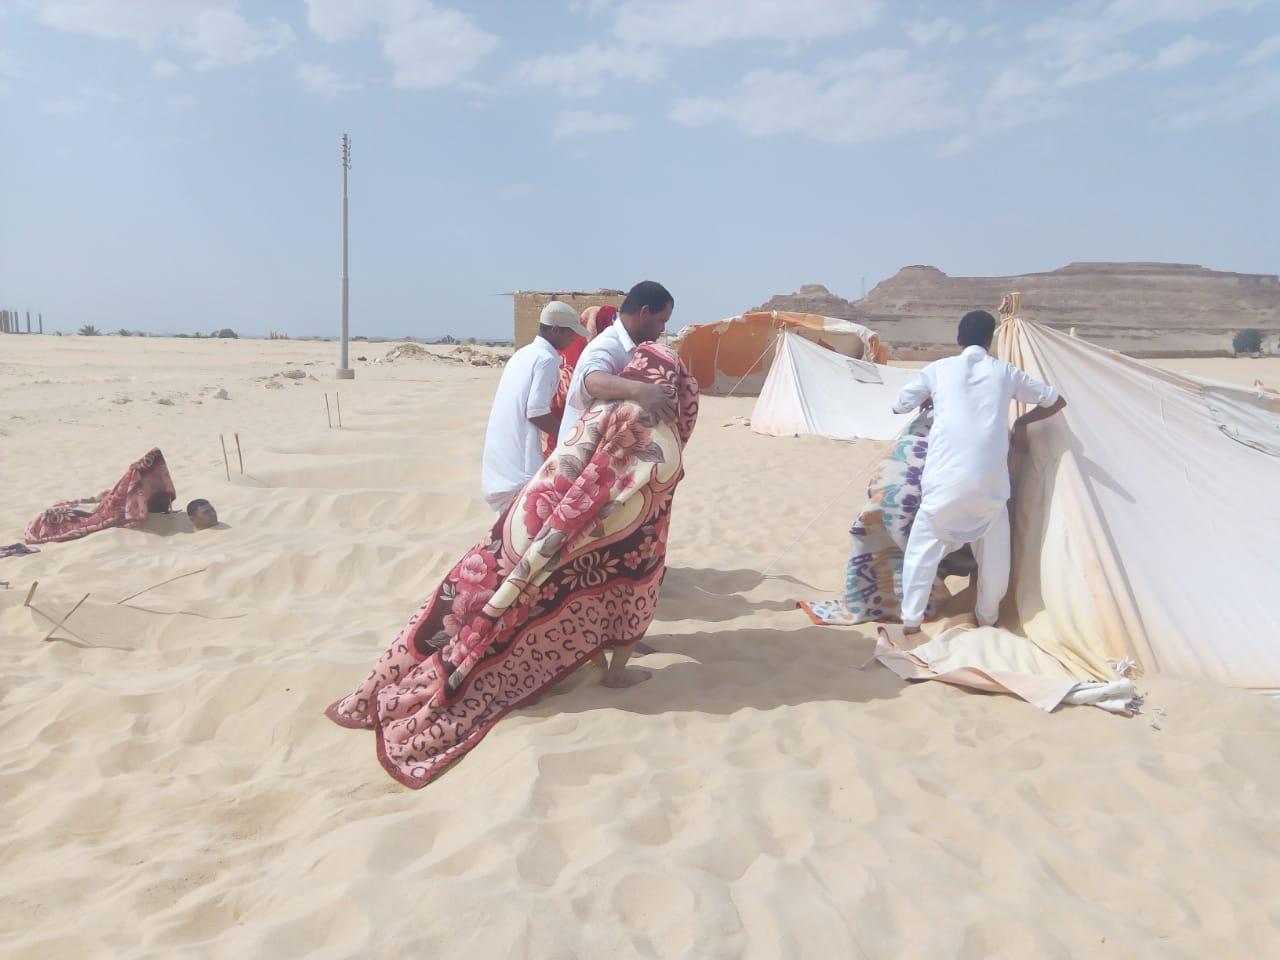 إدخال المرضى فى خيمة بدون تهوية عقب حمام الرمال